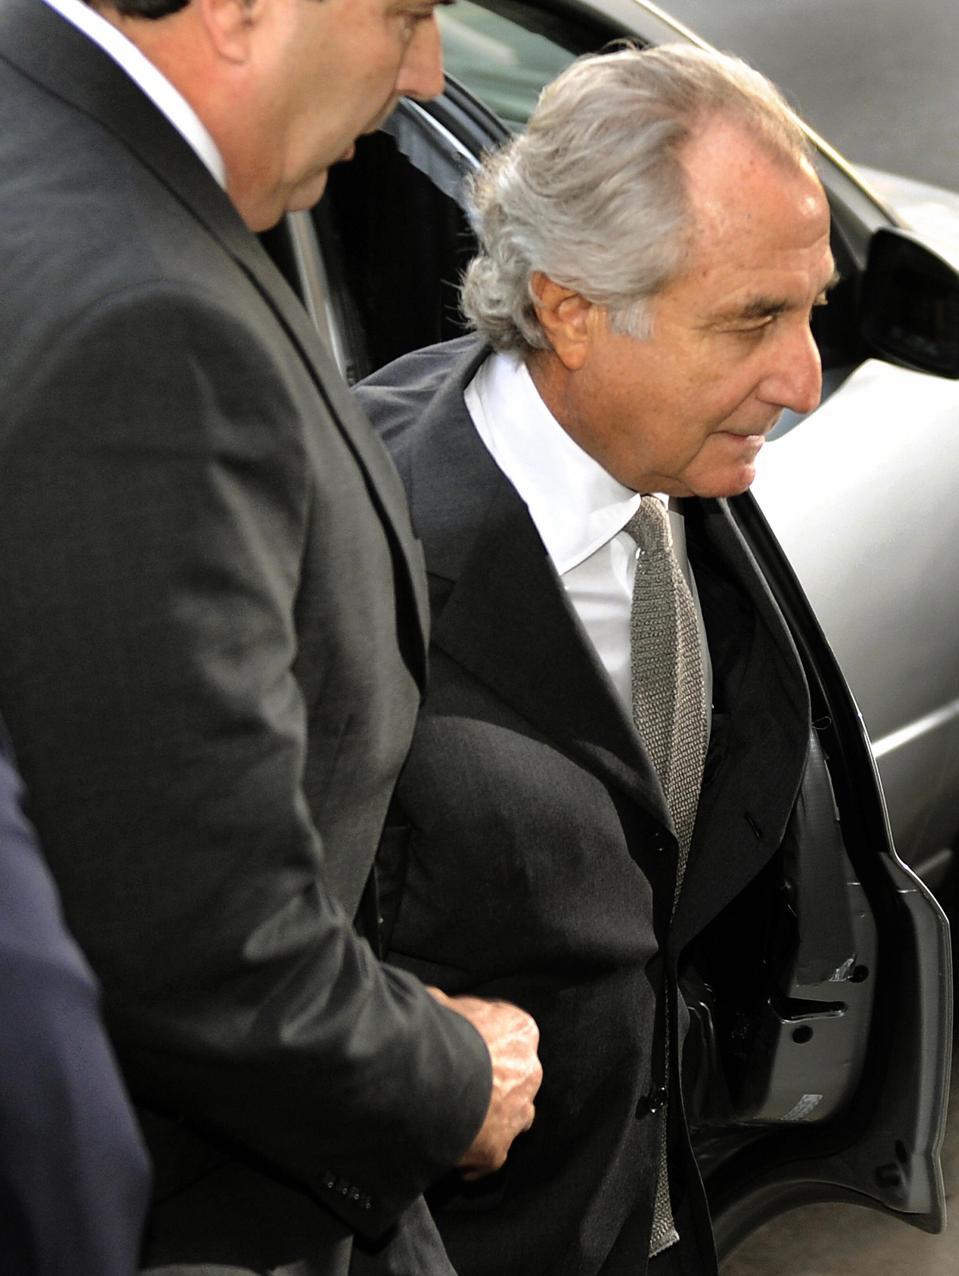 Disgraced Wall Street financier Bernard